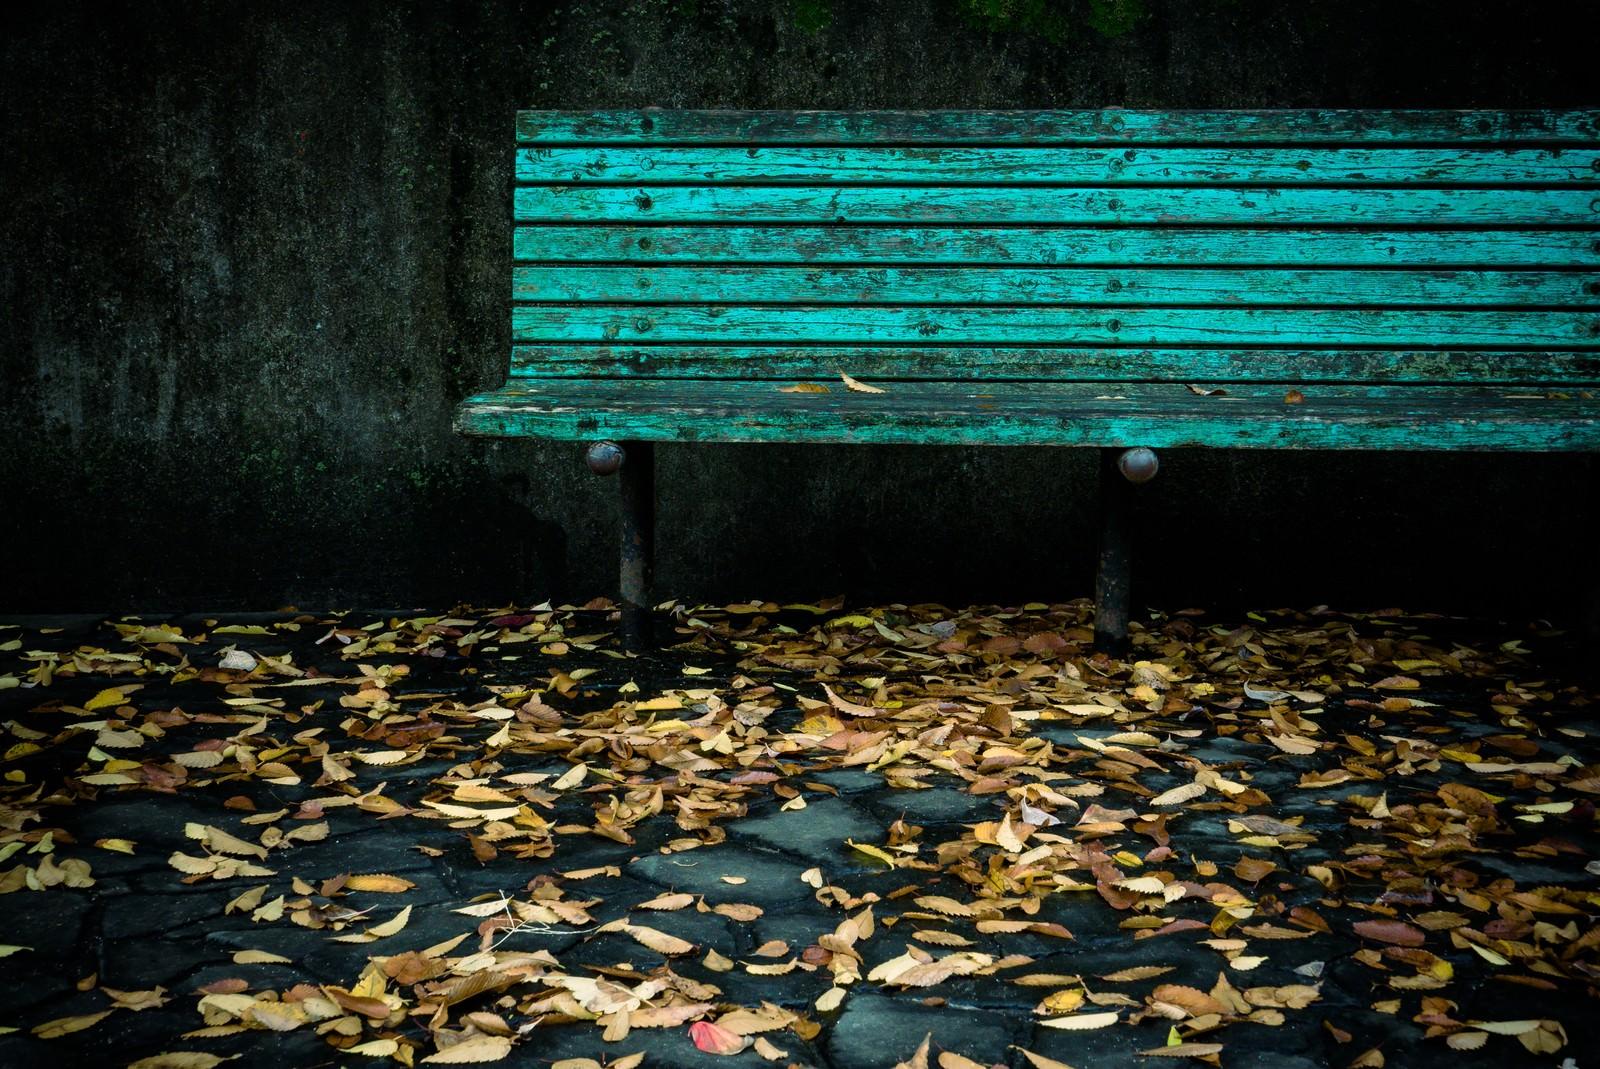 「古びたベンチと落ち葉古びたベンチと落ち葉」のフリー写真素材を拡大